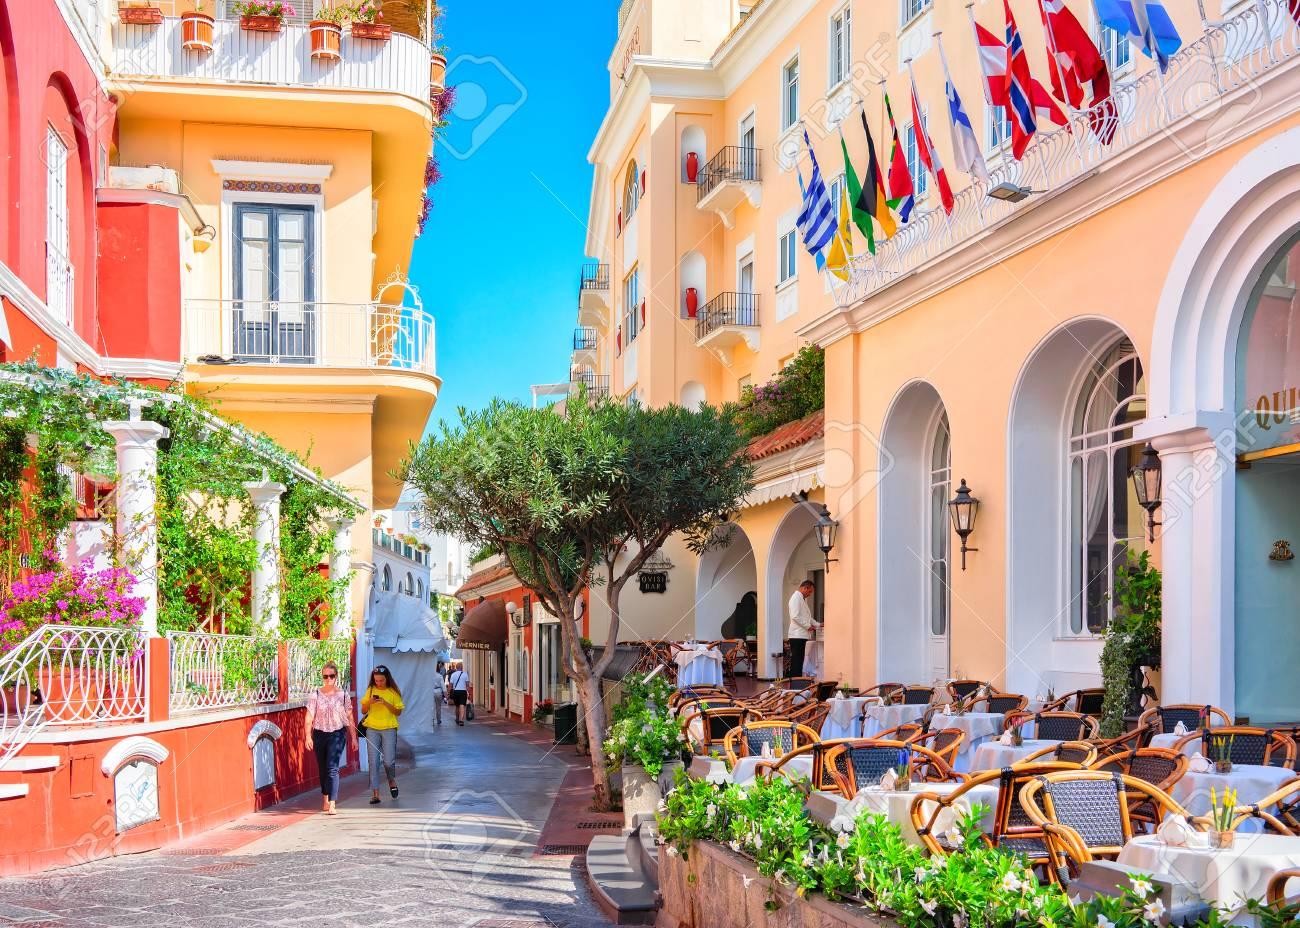 Capri, Italy - October 3, 2017: Tourists at Street cafes on Capri Island, Italy - 91487849